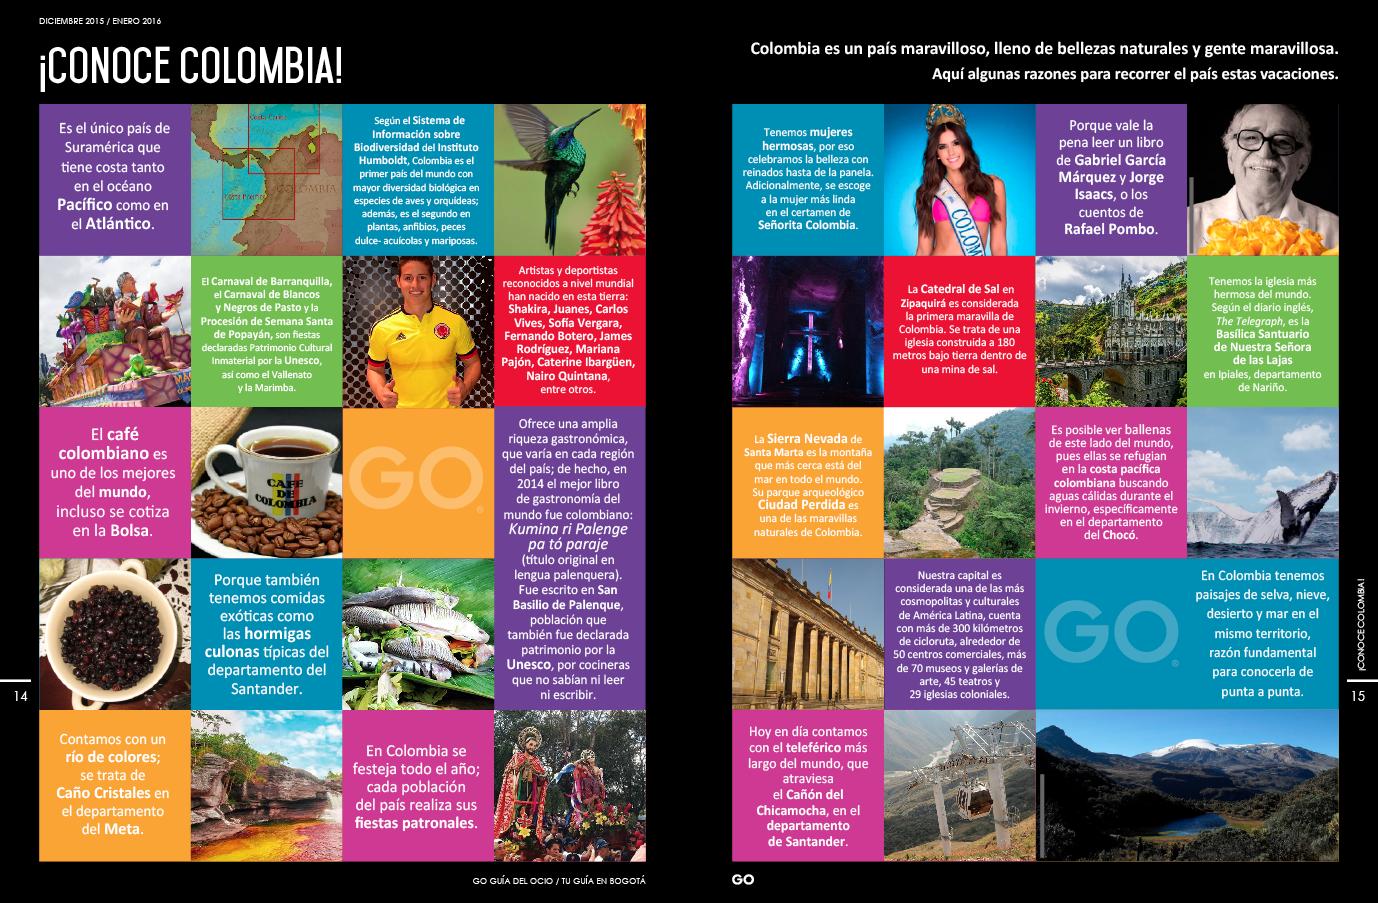 ¡Conoce Colombia!